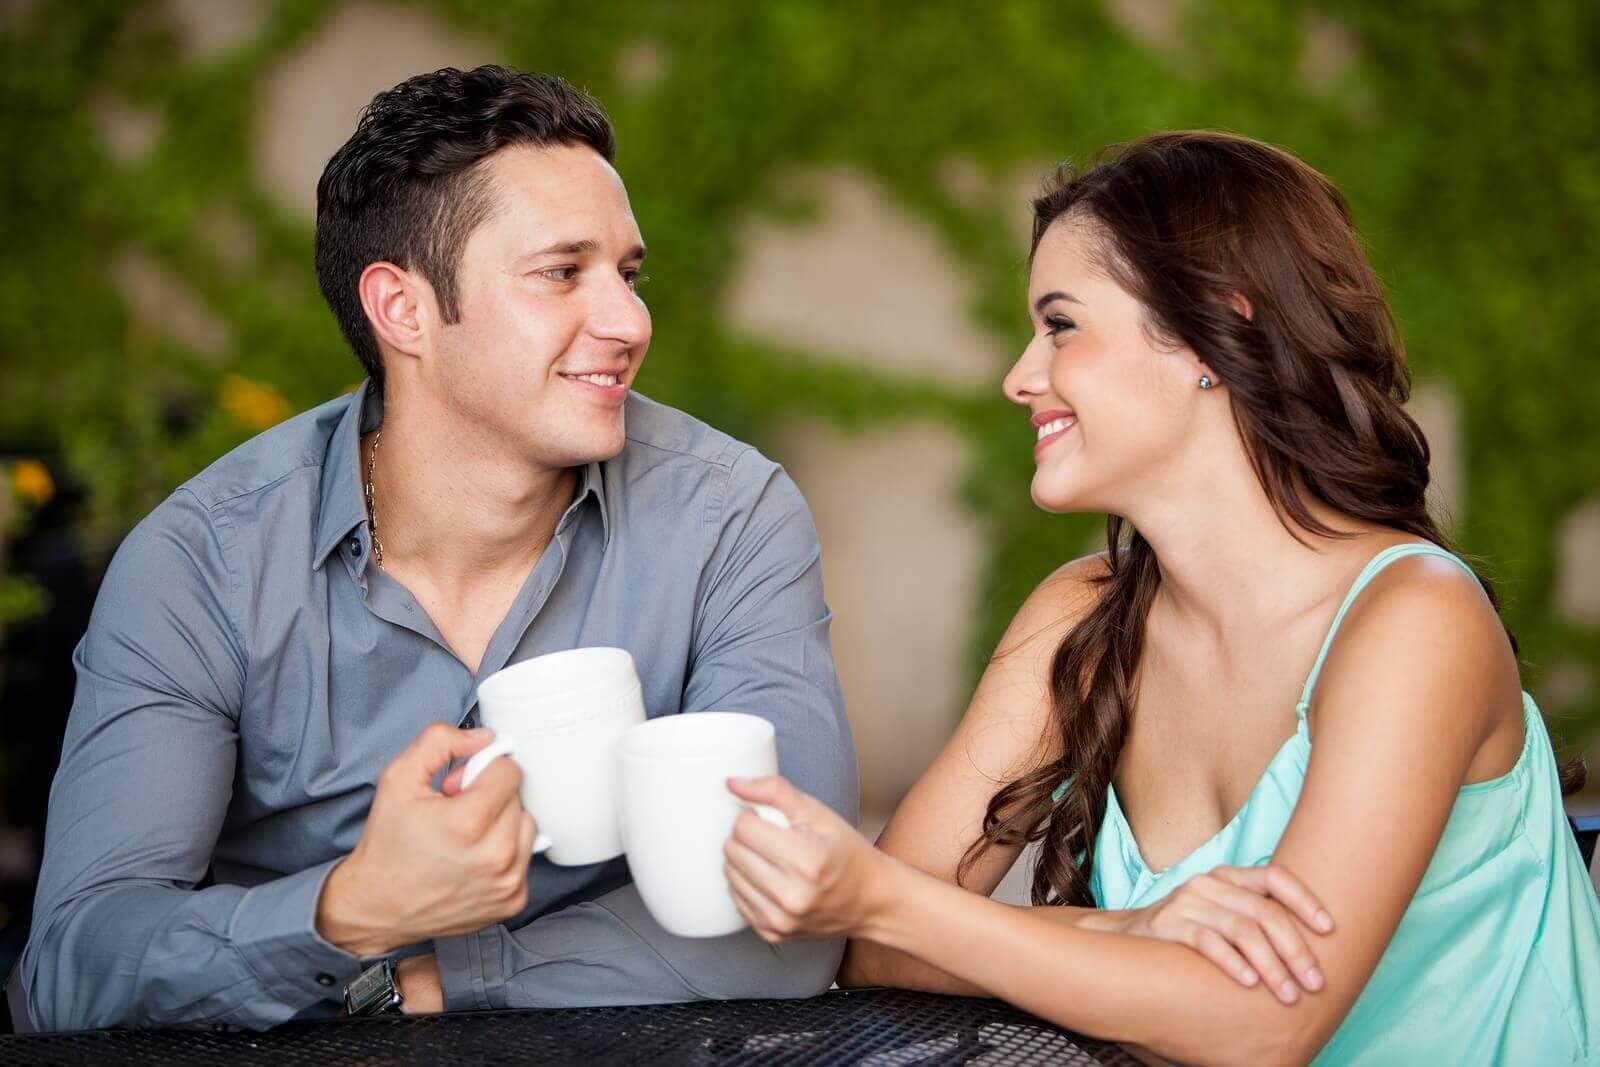 Мужчина беседует с девушкой